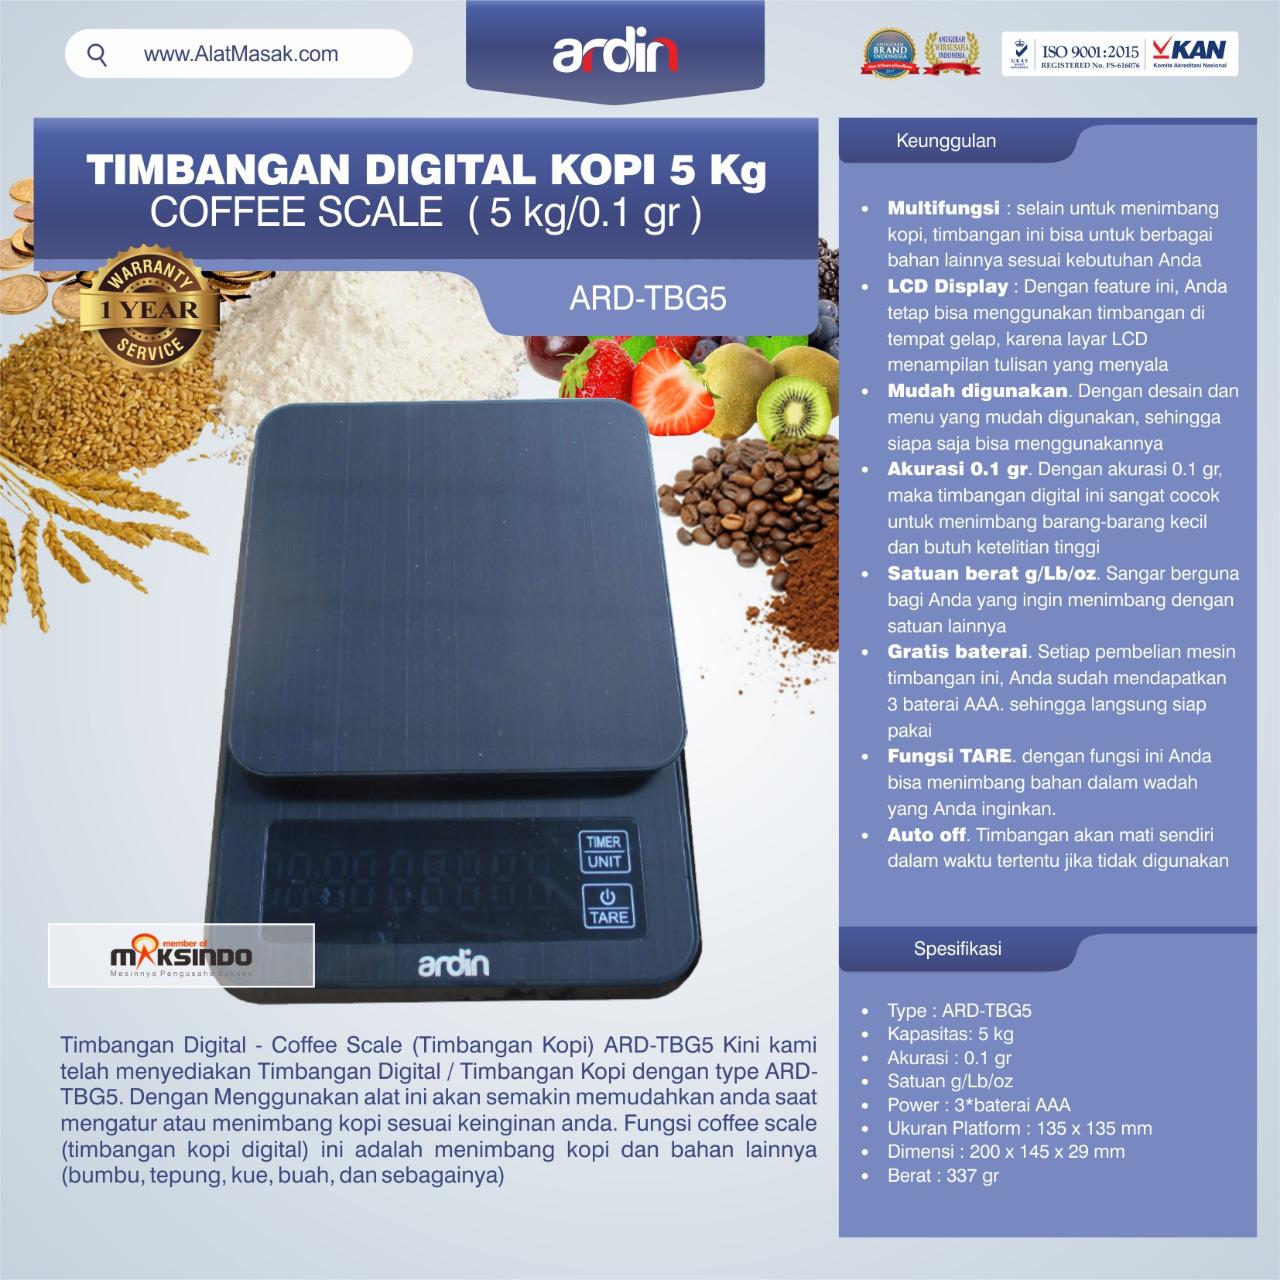 Jual Timbangan Digital Kopi 5 kg ARD-TBG5 (coffee scale) di Mataram